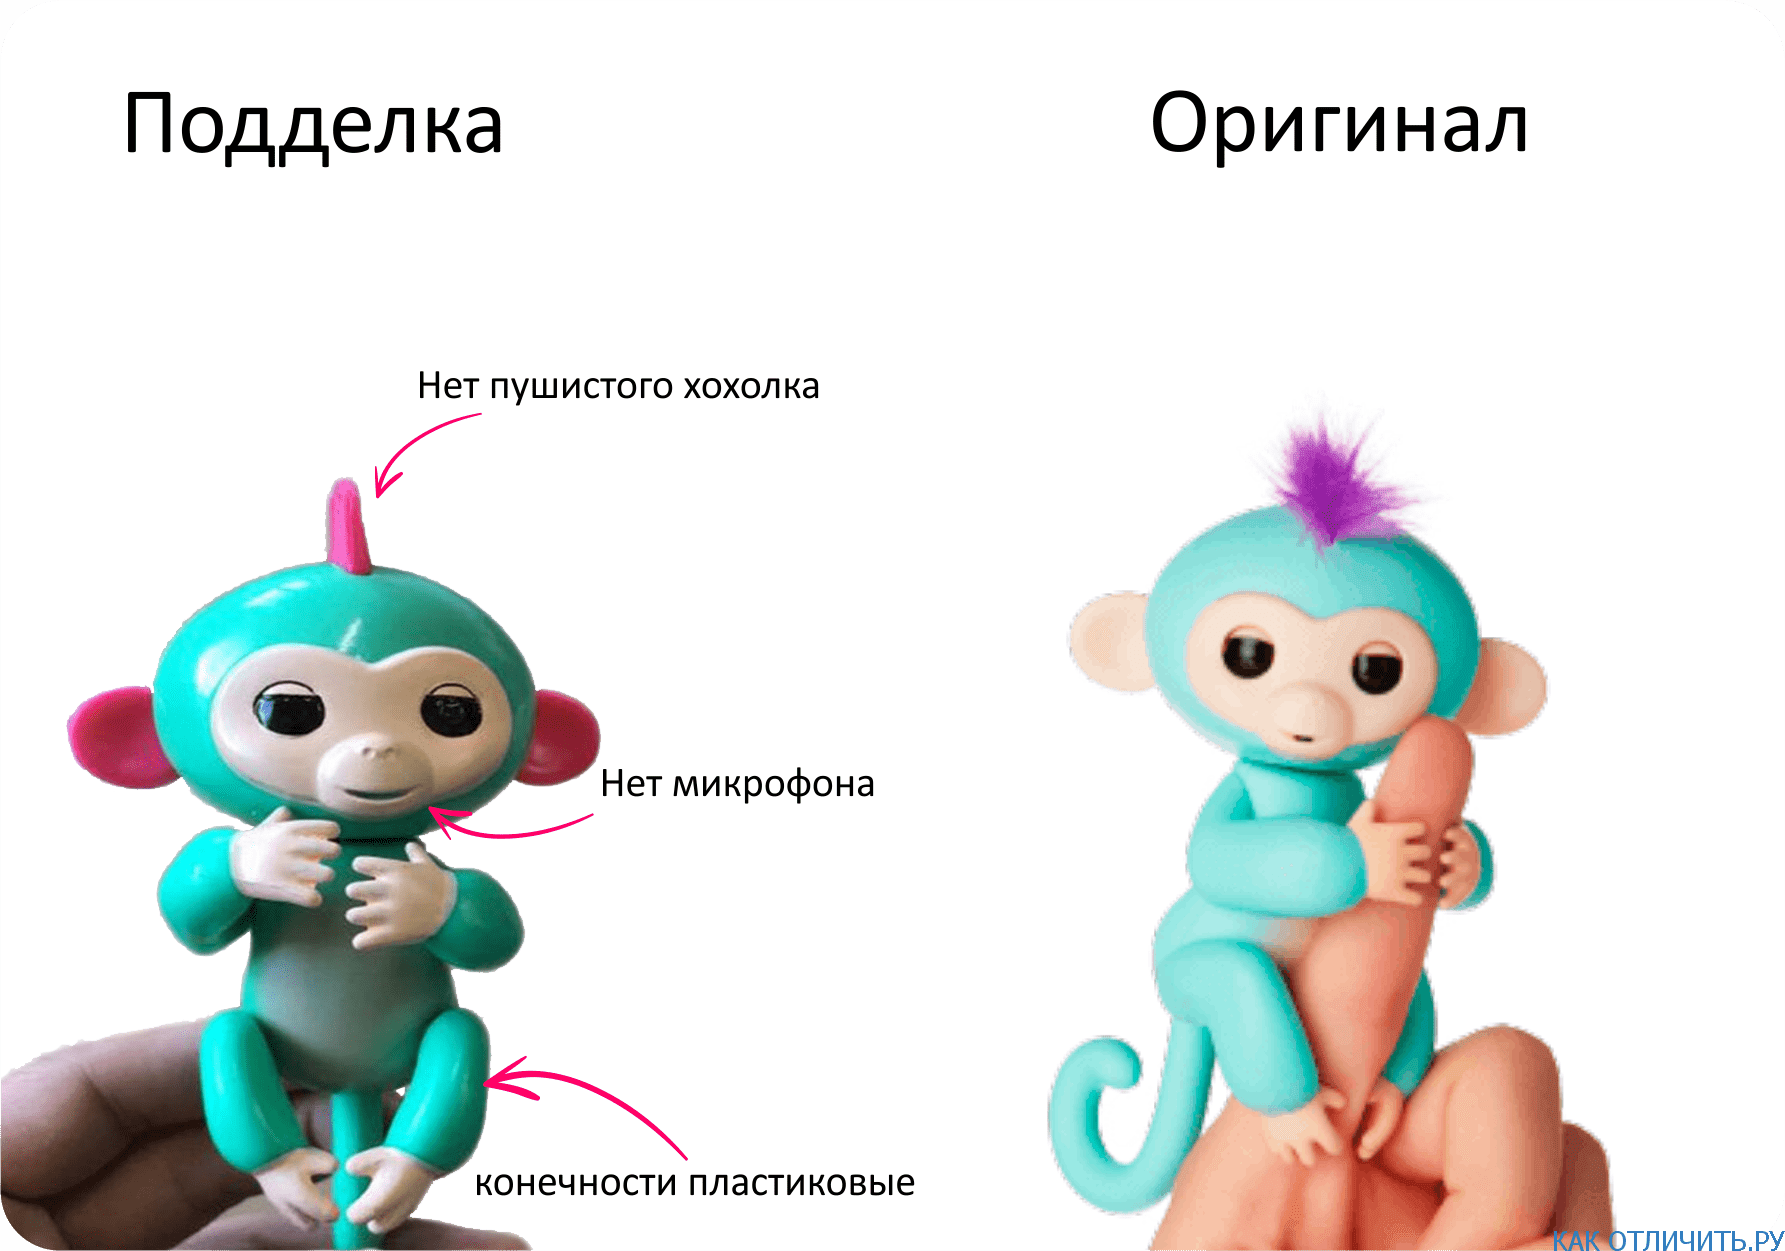 Оригинал и копия игрушки